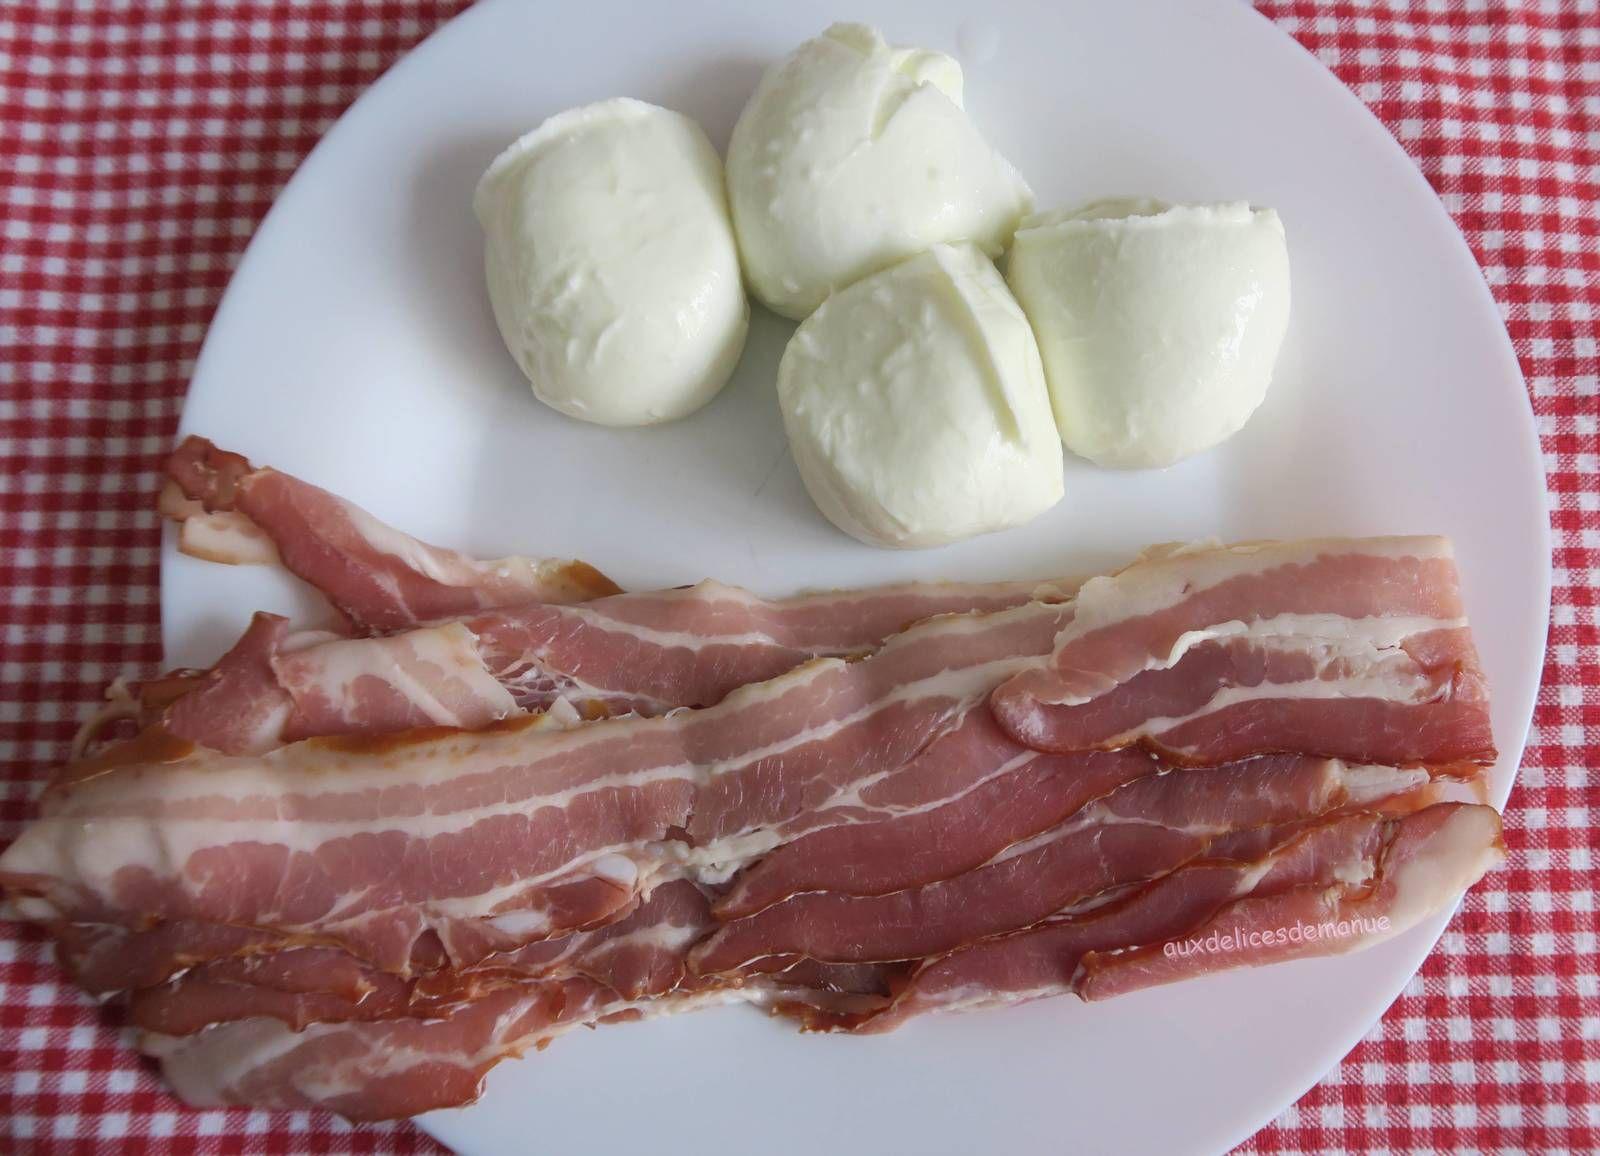 Mozzarella à la poitrine fumée, au four